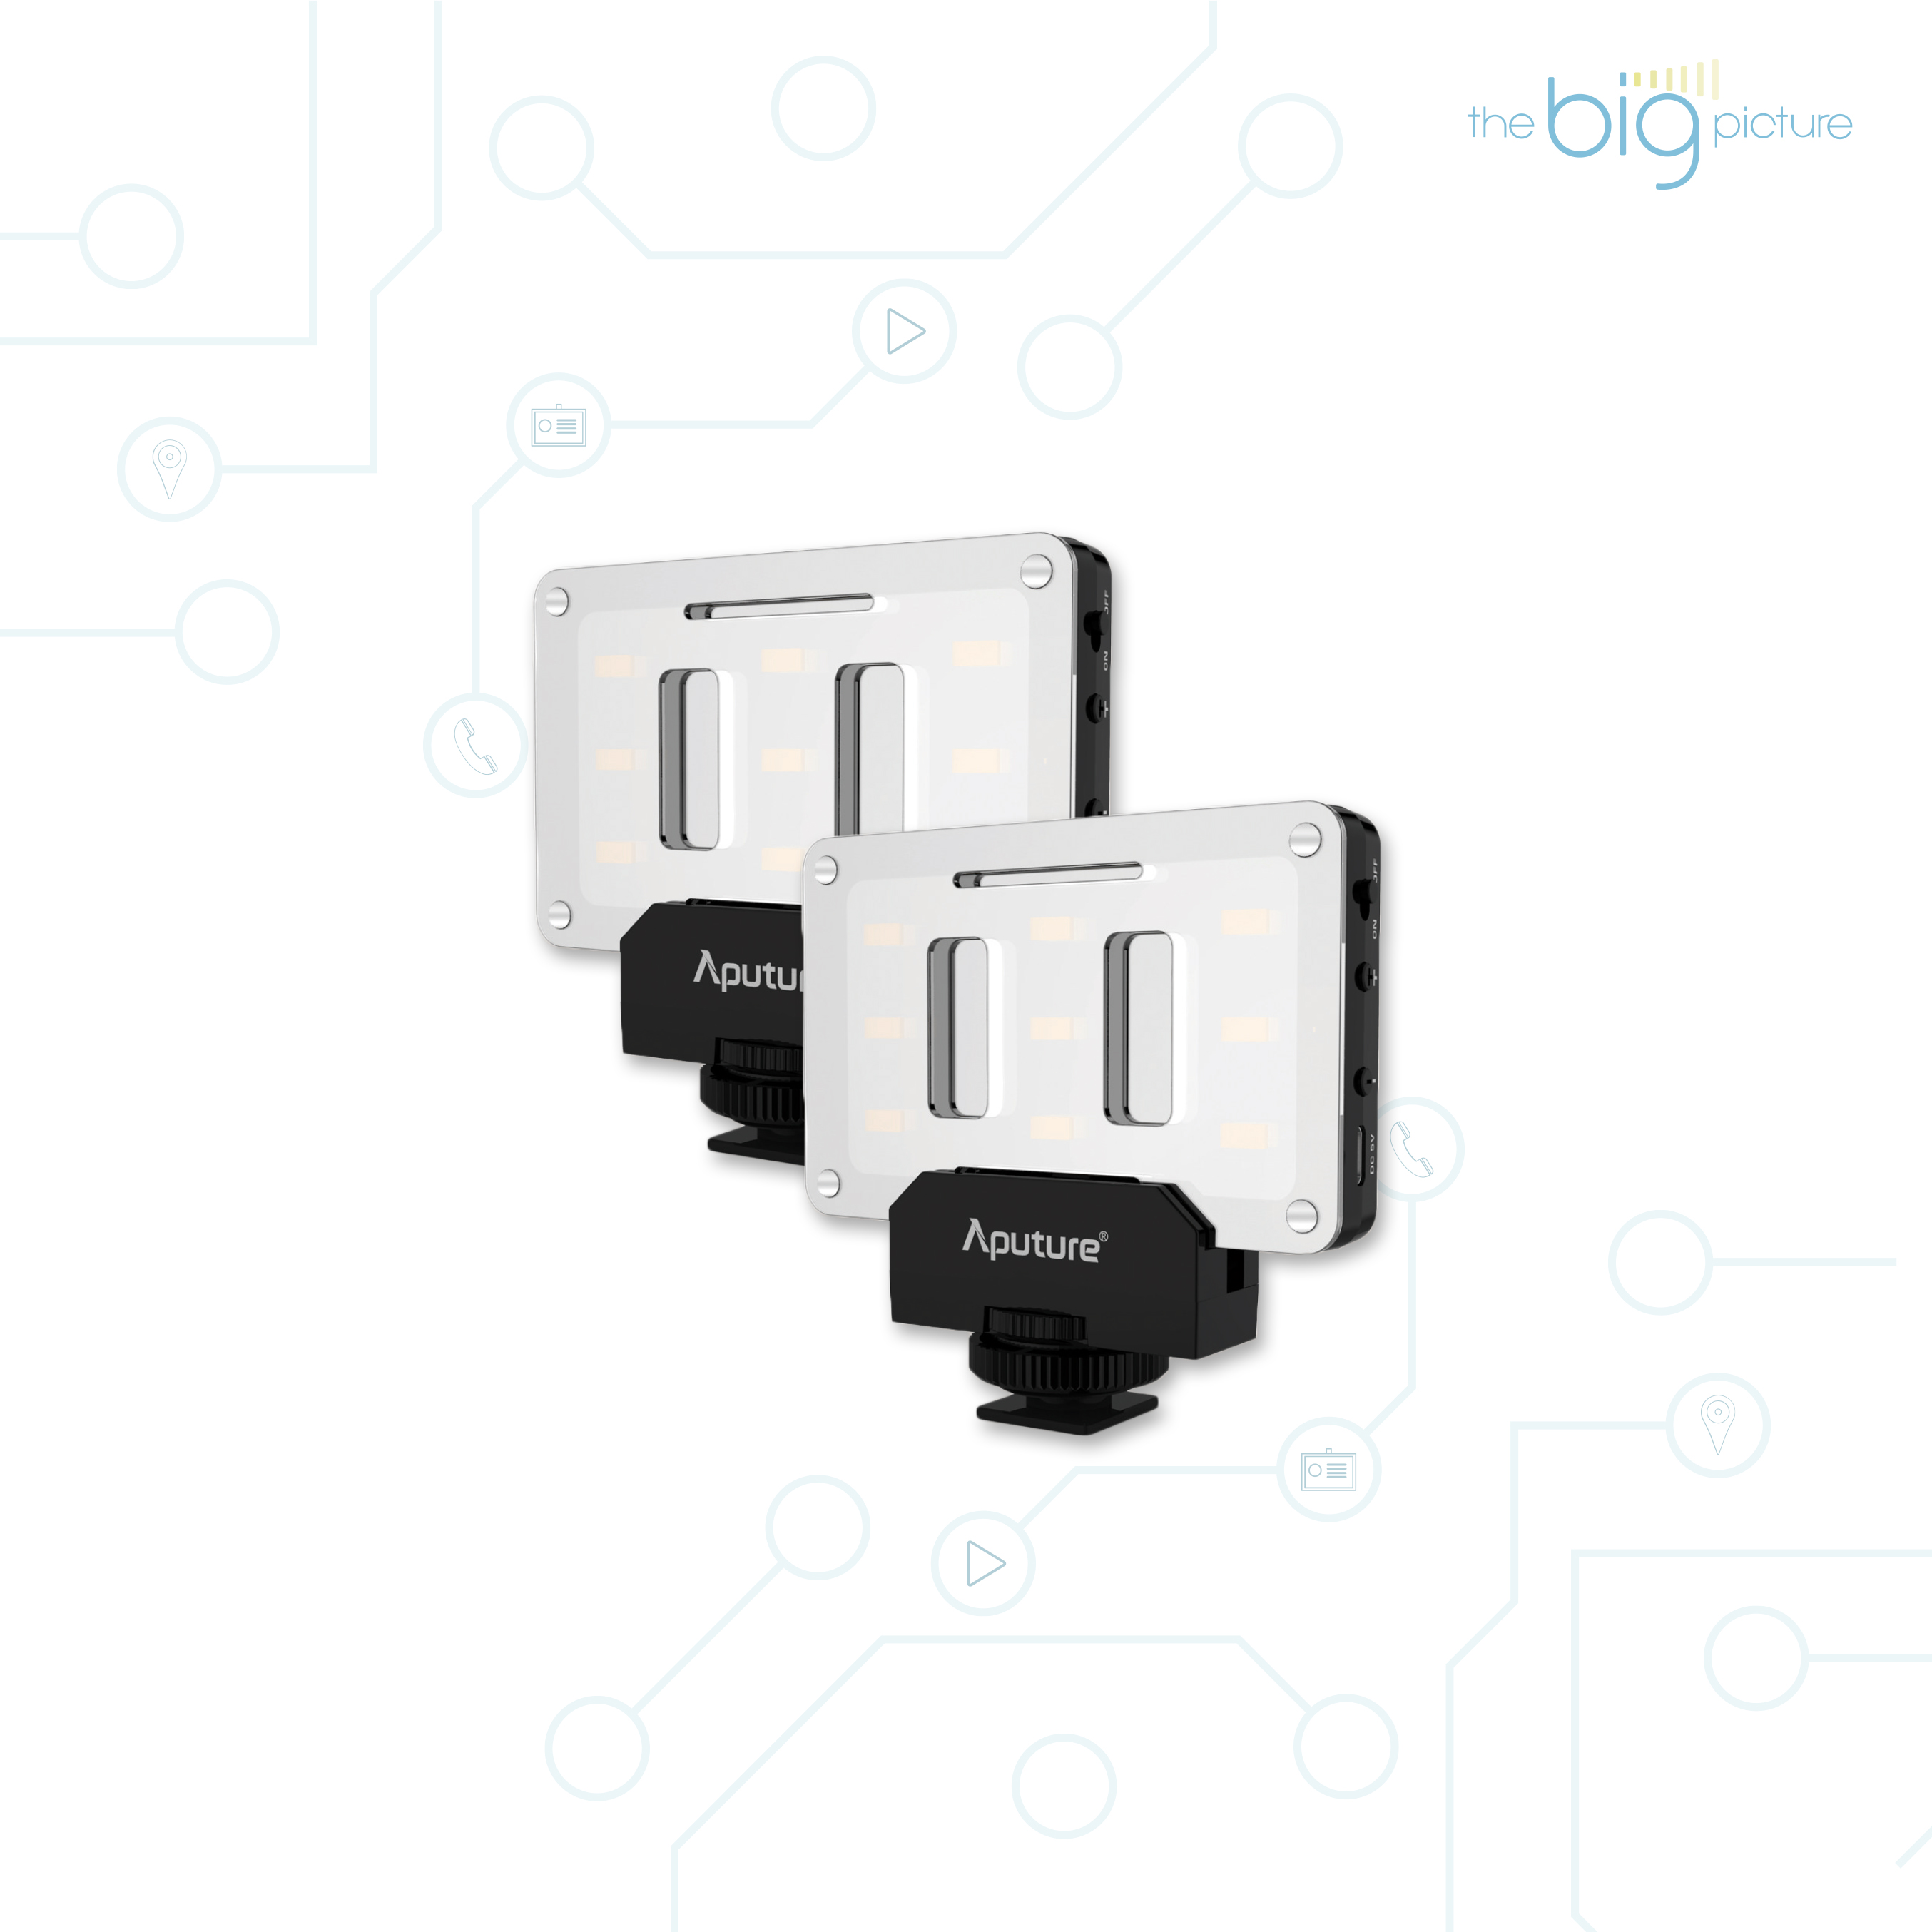 Aputure AL-M9 - pocket sized LED video light.